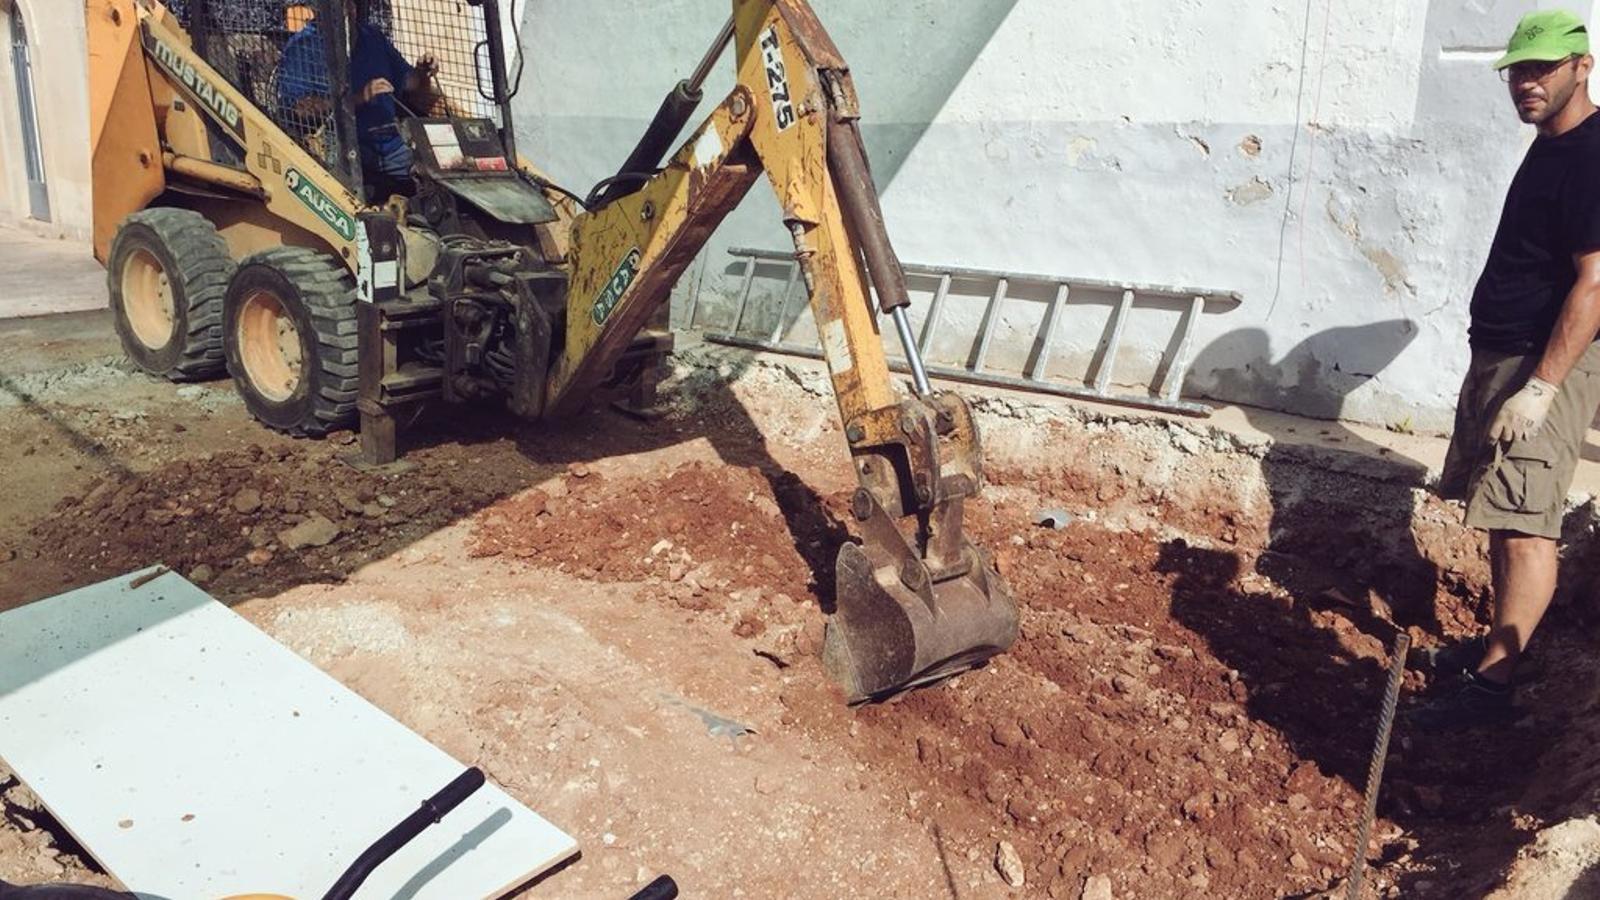 Continuen les obres d'exhumació de la fossa d'Alaró